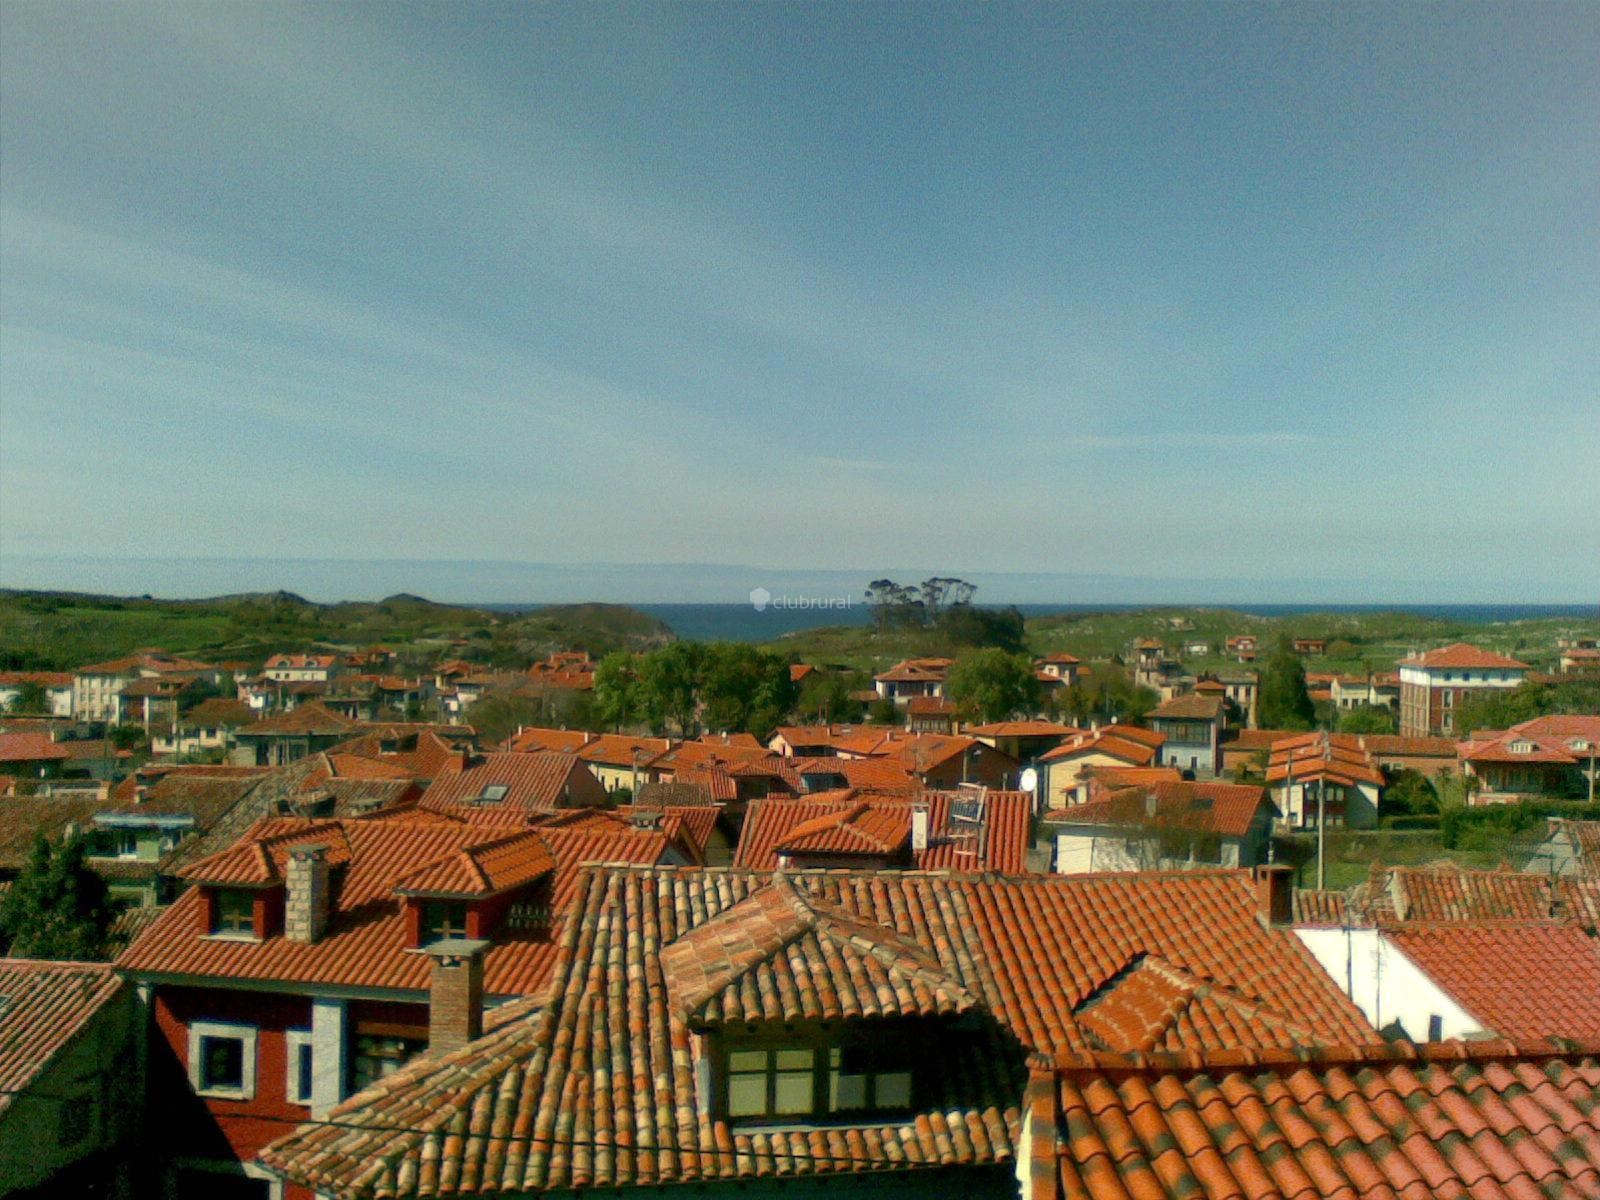 Fotos de apartamentos marrubiu asturias llanes clubrural - Apartamentos baratos asturias ...